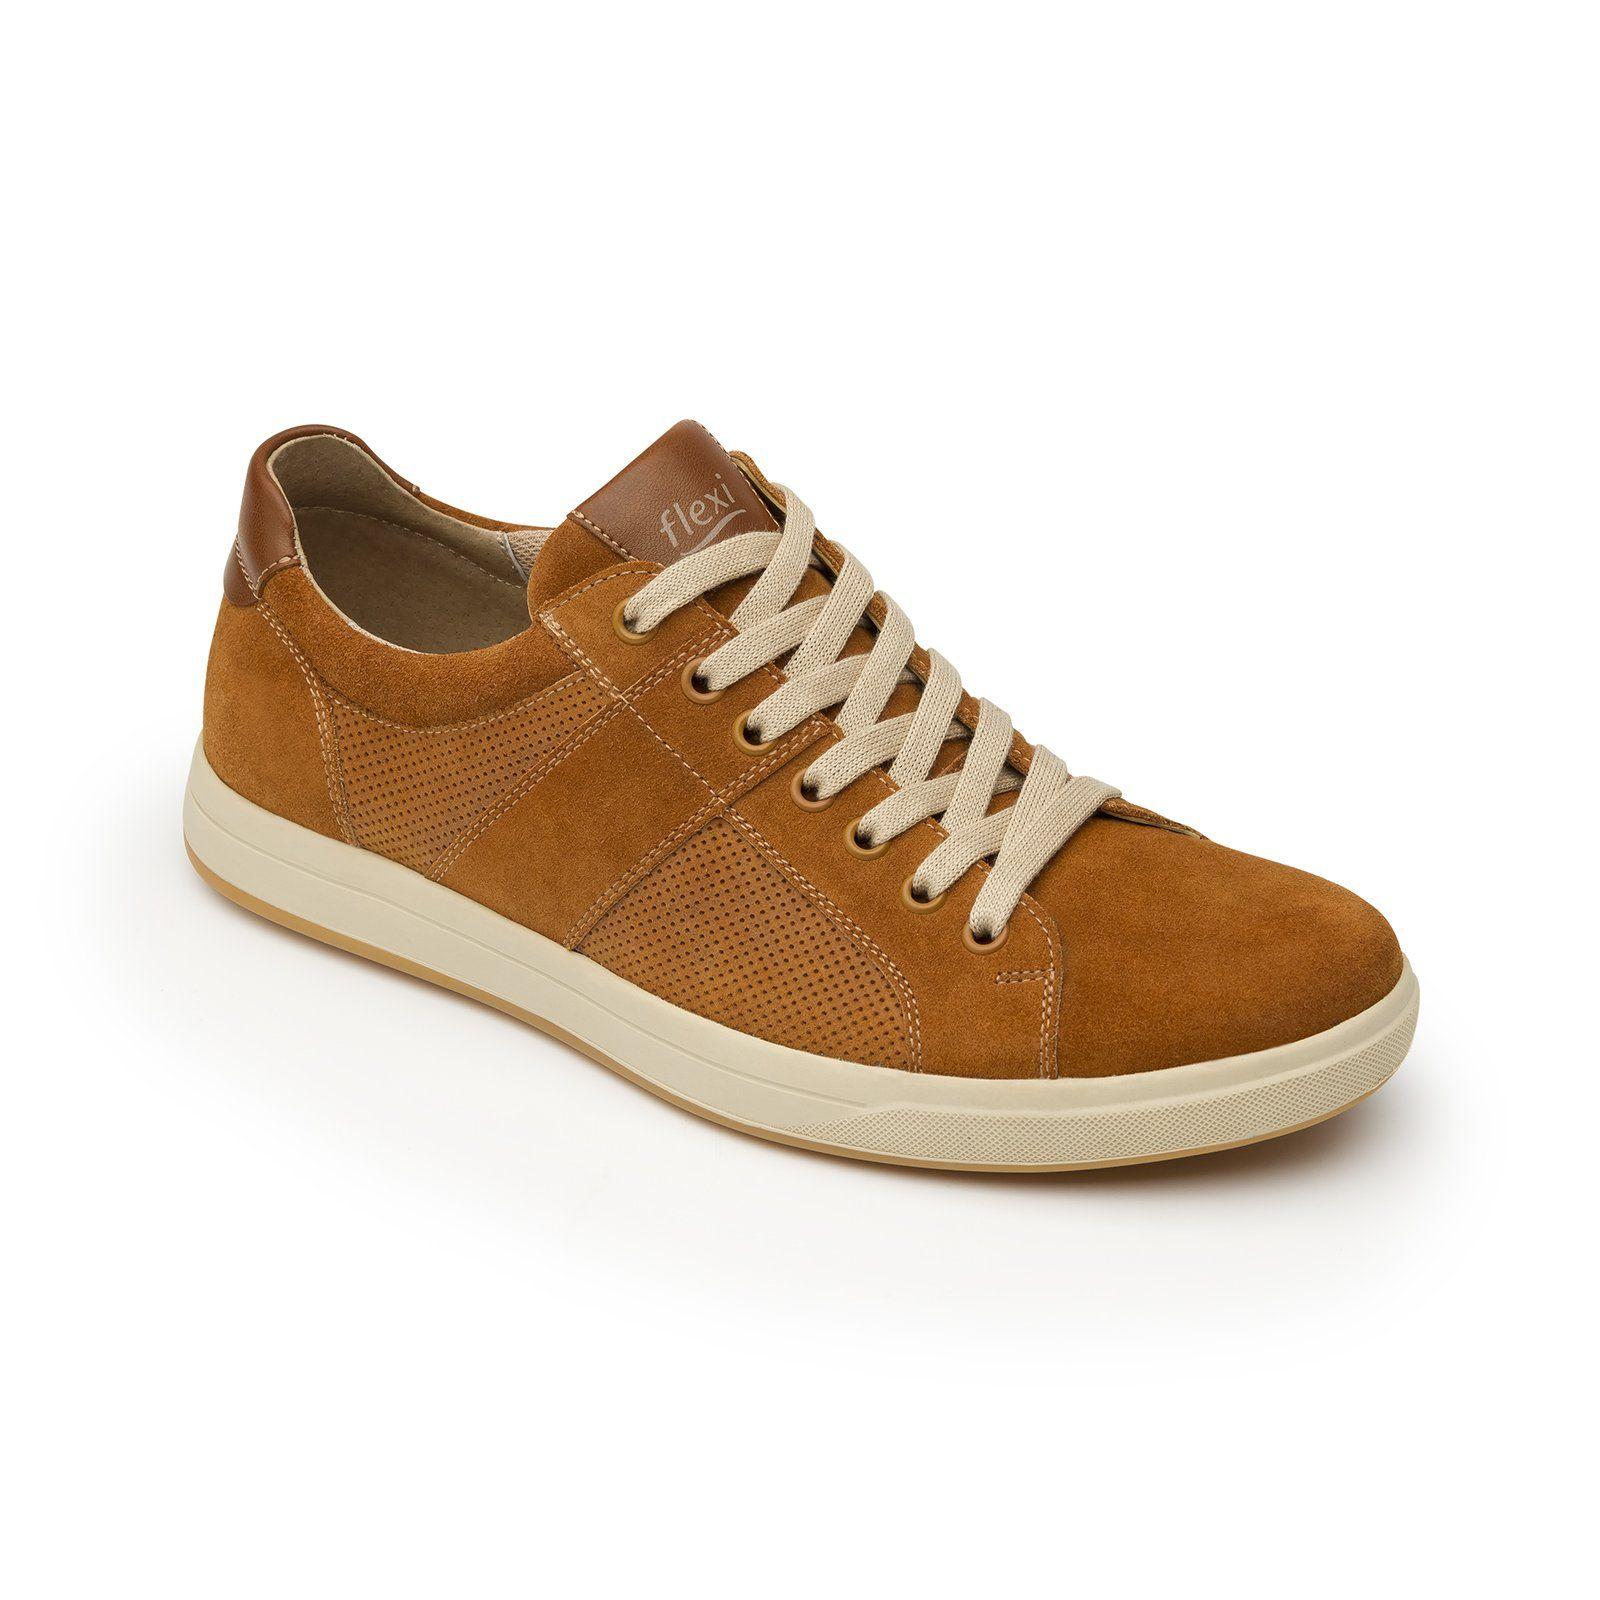 Sneaker Urbano Honey Sneakers casuales Venta de